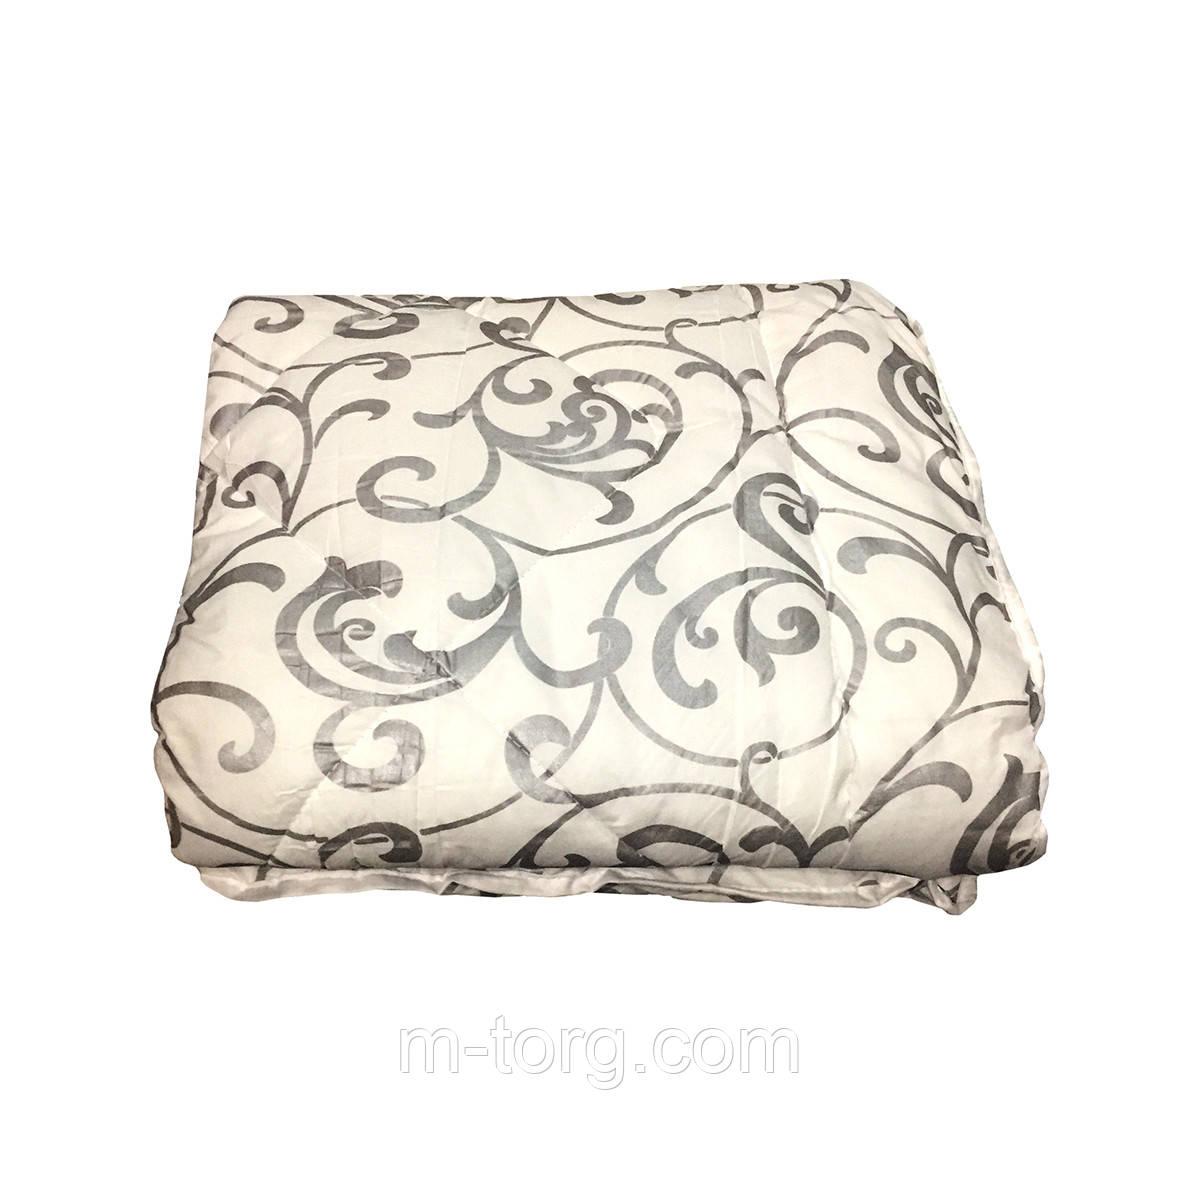 Дитяче ковдру бамбук 110*140 см, тканина бавовна